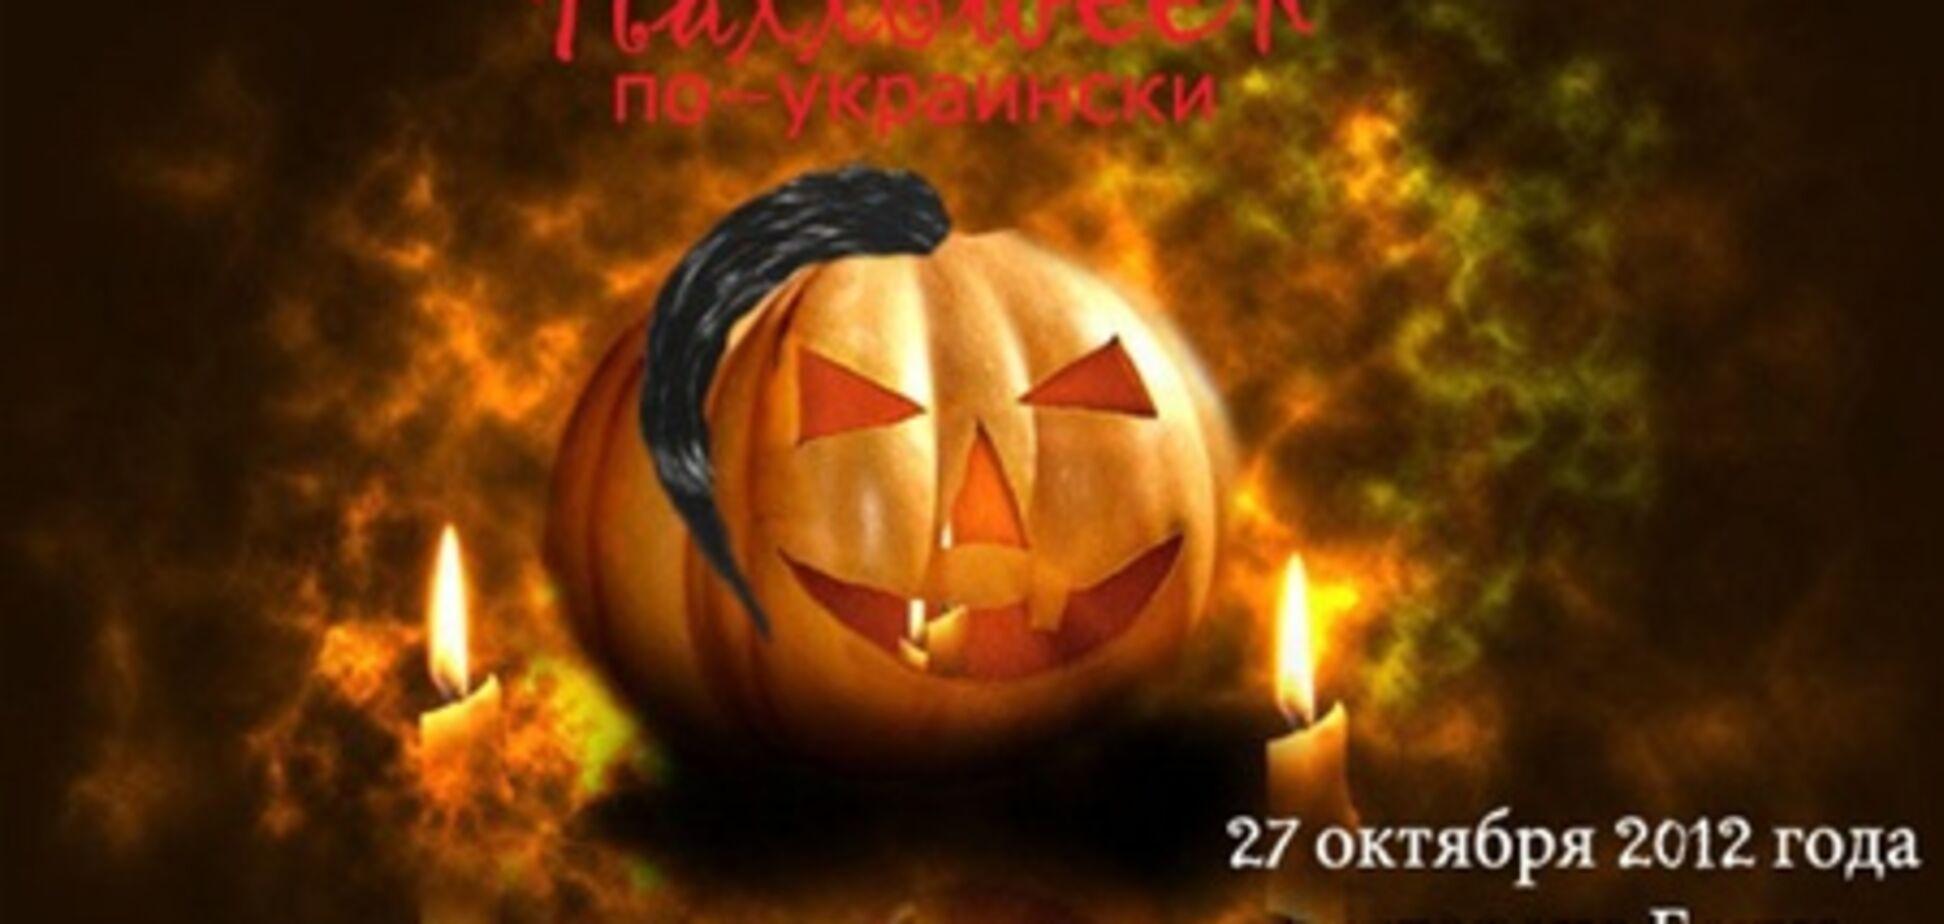 Еще не решили где и как праздновать Хеллоуин?